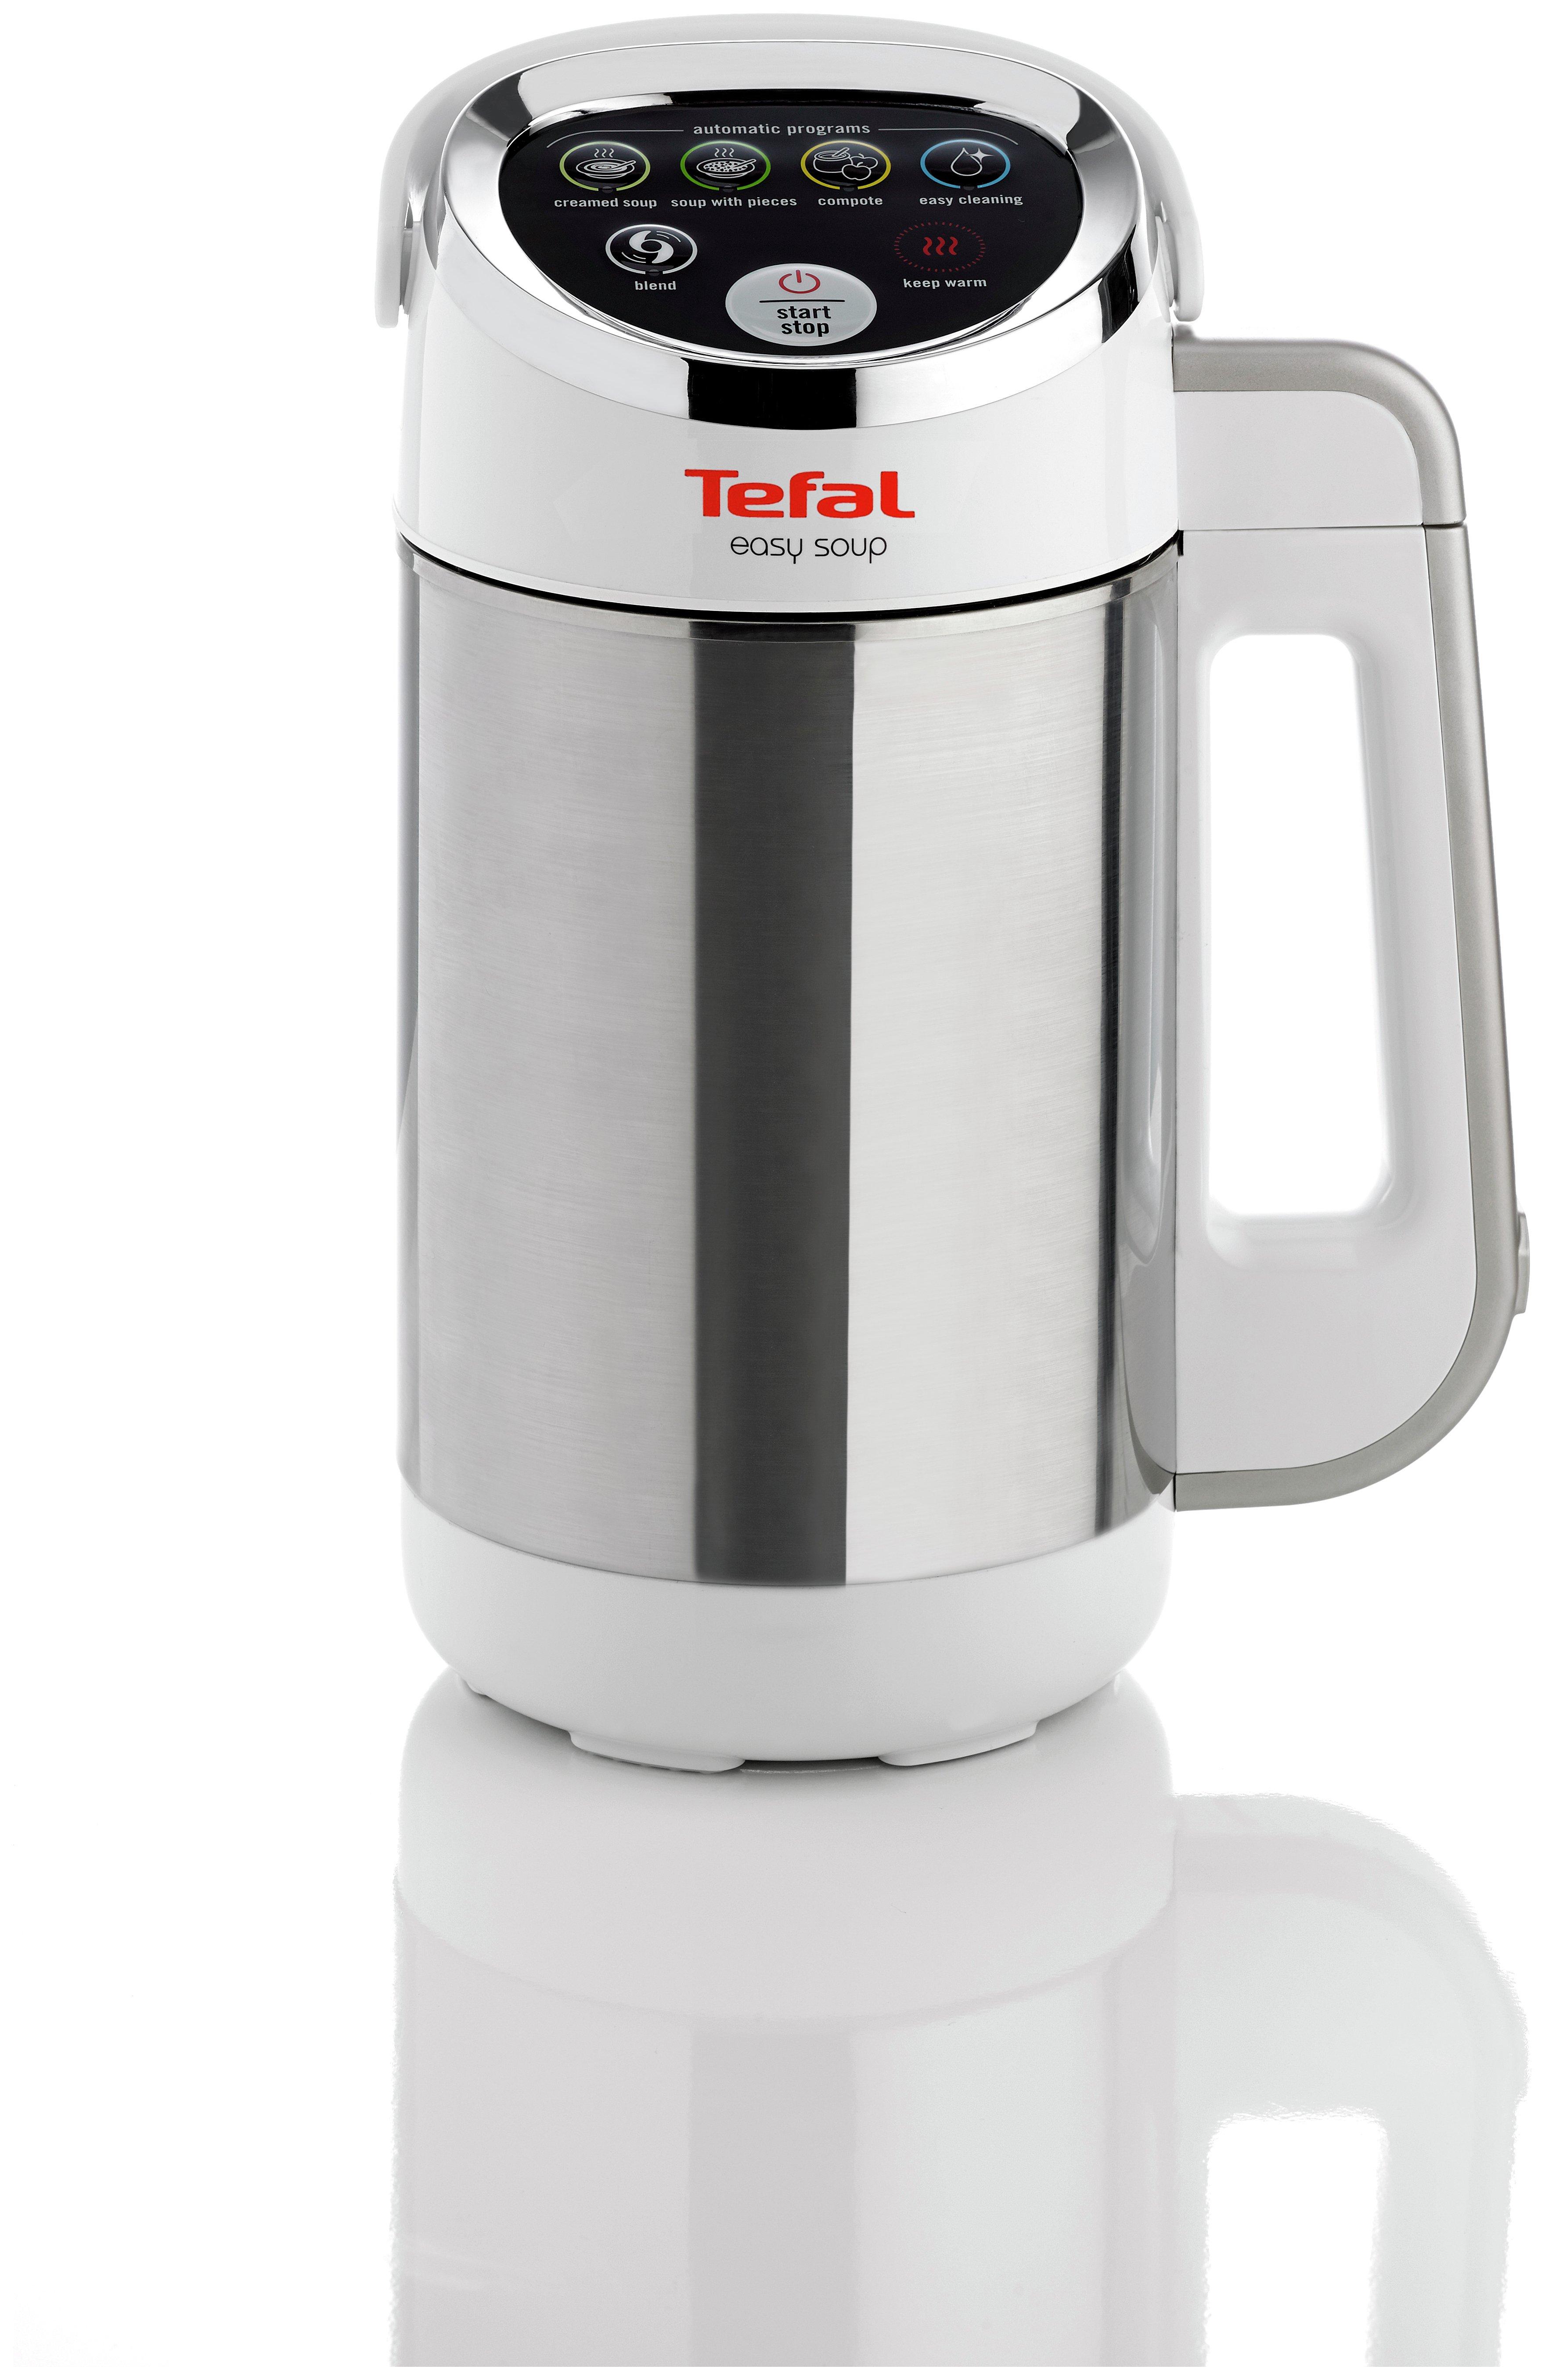 tefal-easy-soup-maker